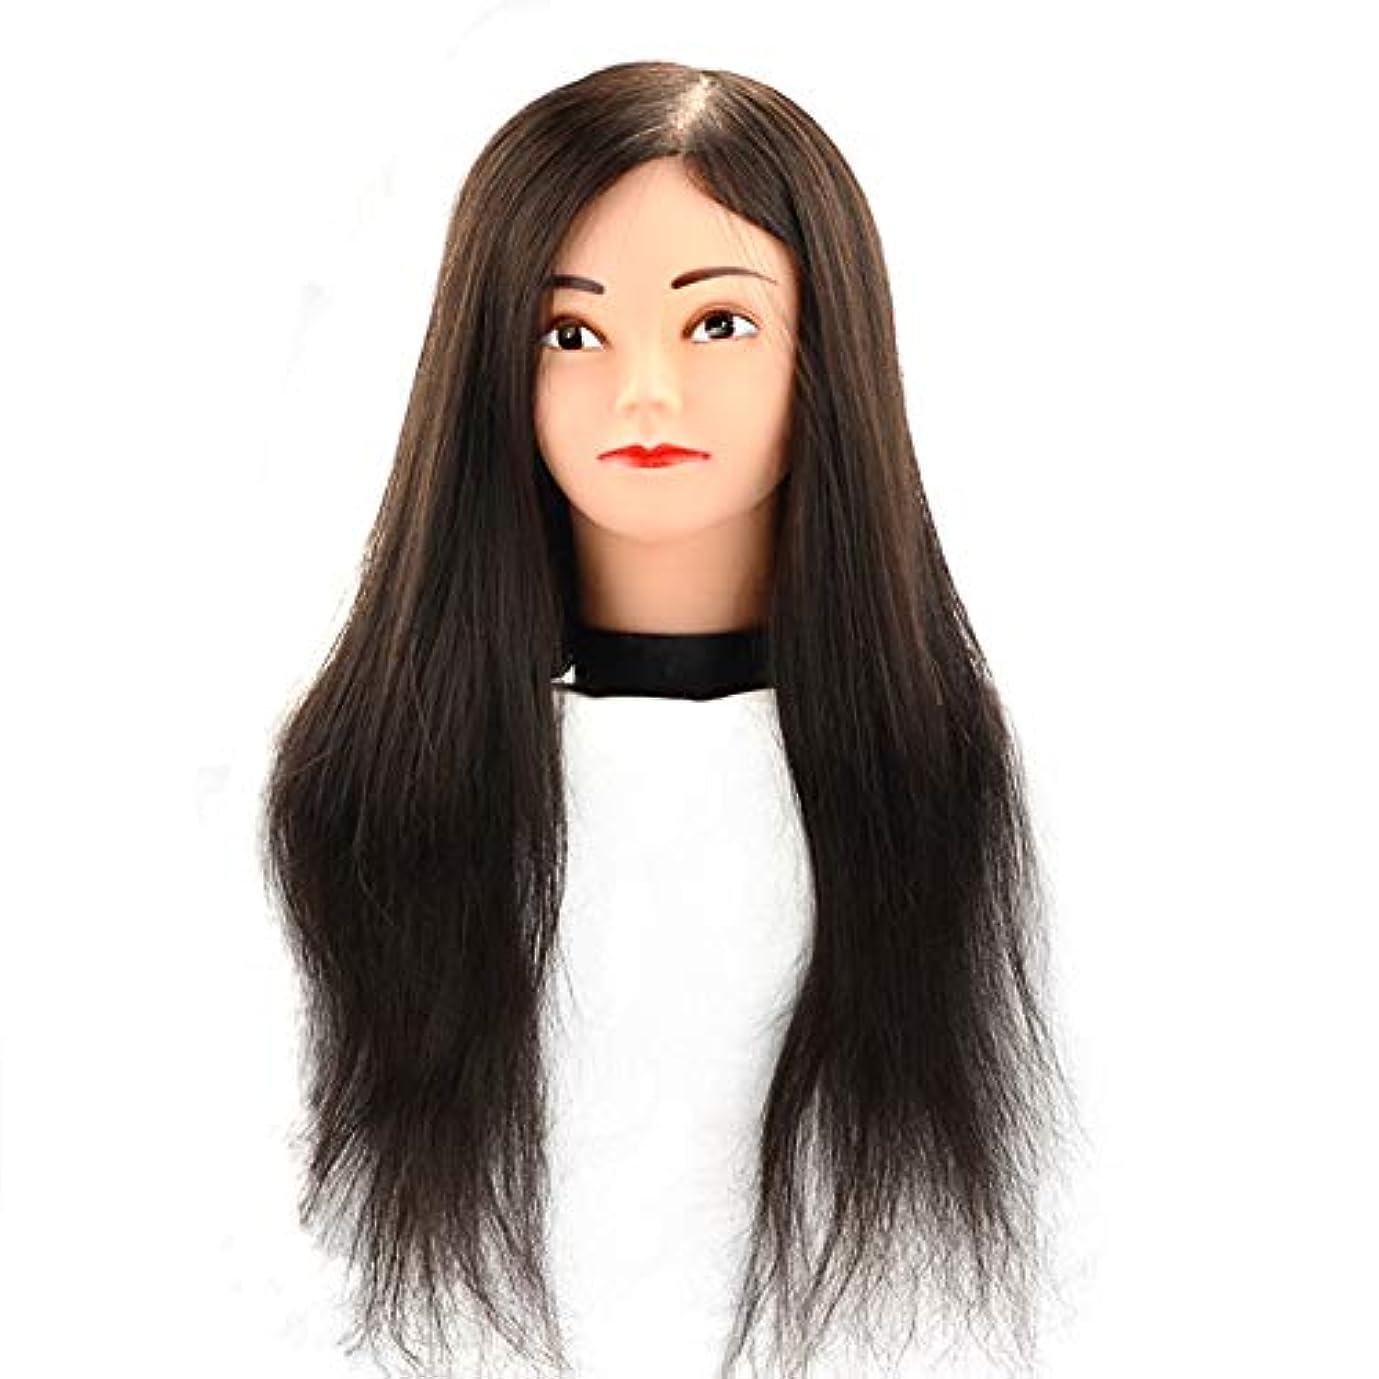 ボックス極端な平手打ち理髪店パーマ染め髪ダミー練習ヘッド花嫁ディスク髪編組学習ヘッドモデルヘアマネキンヘッド